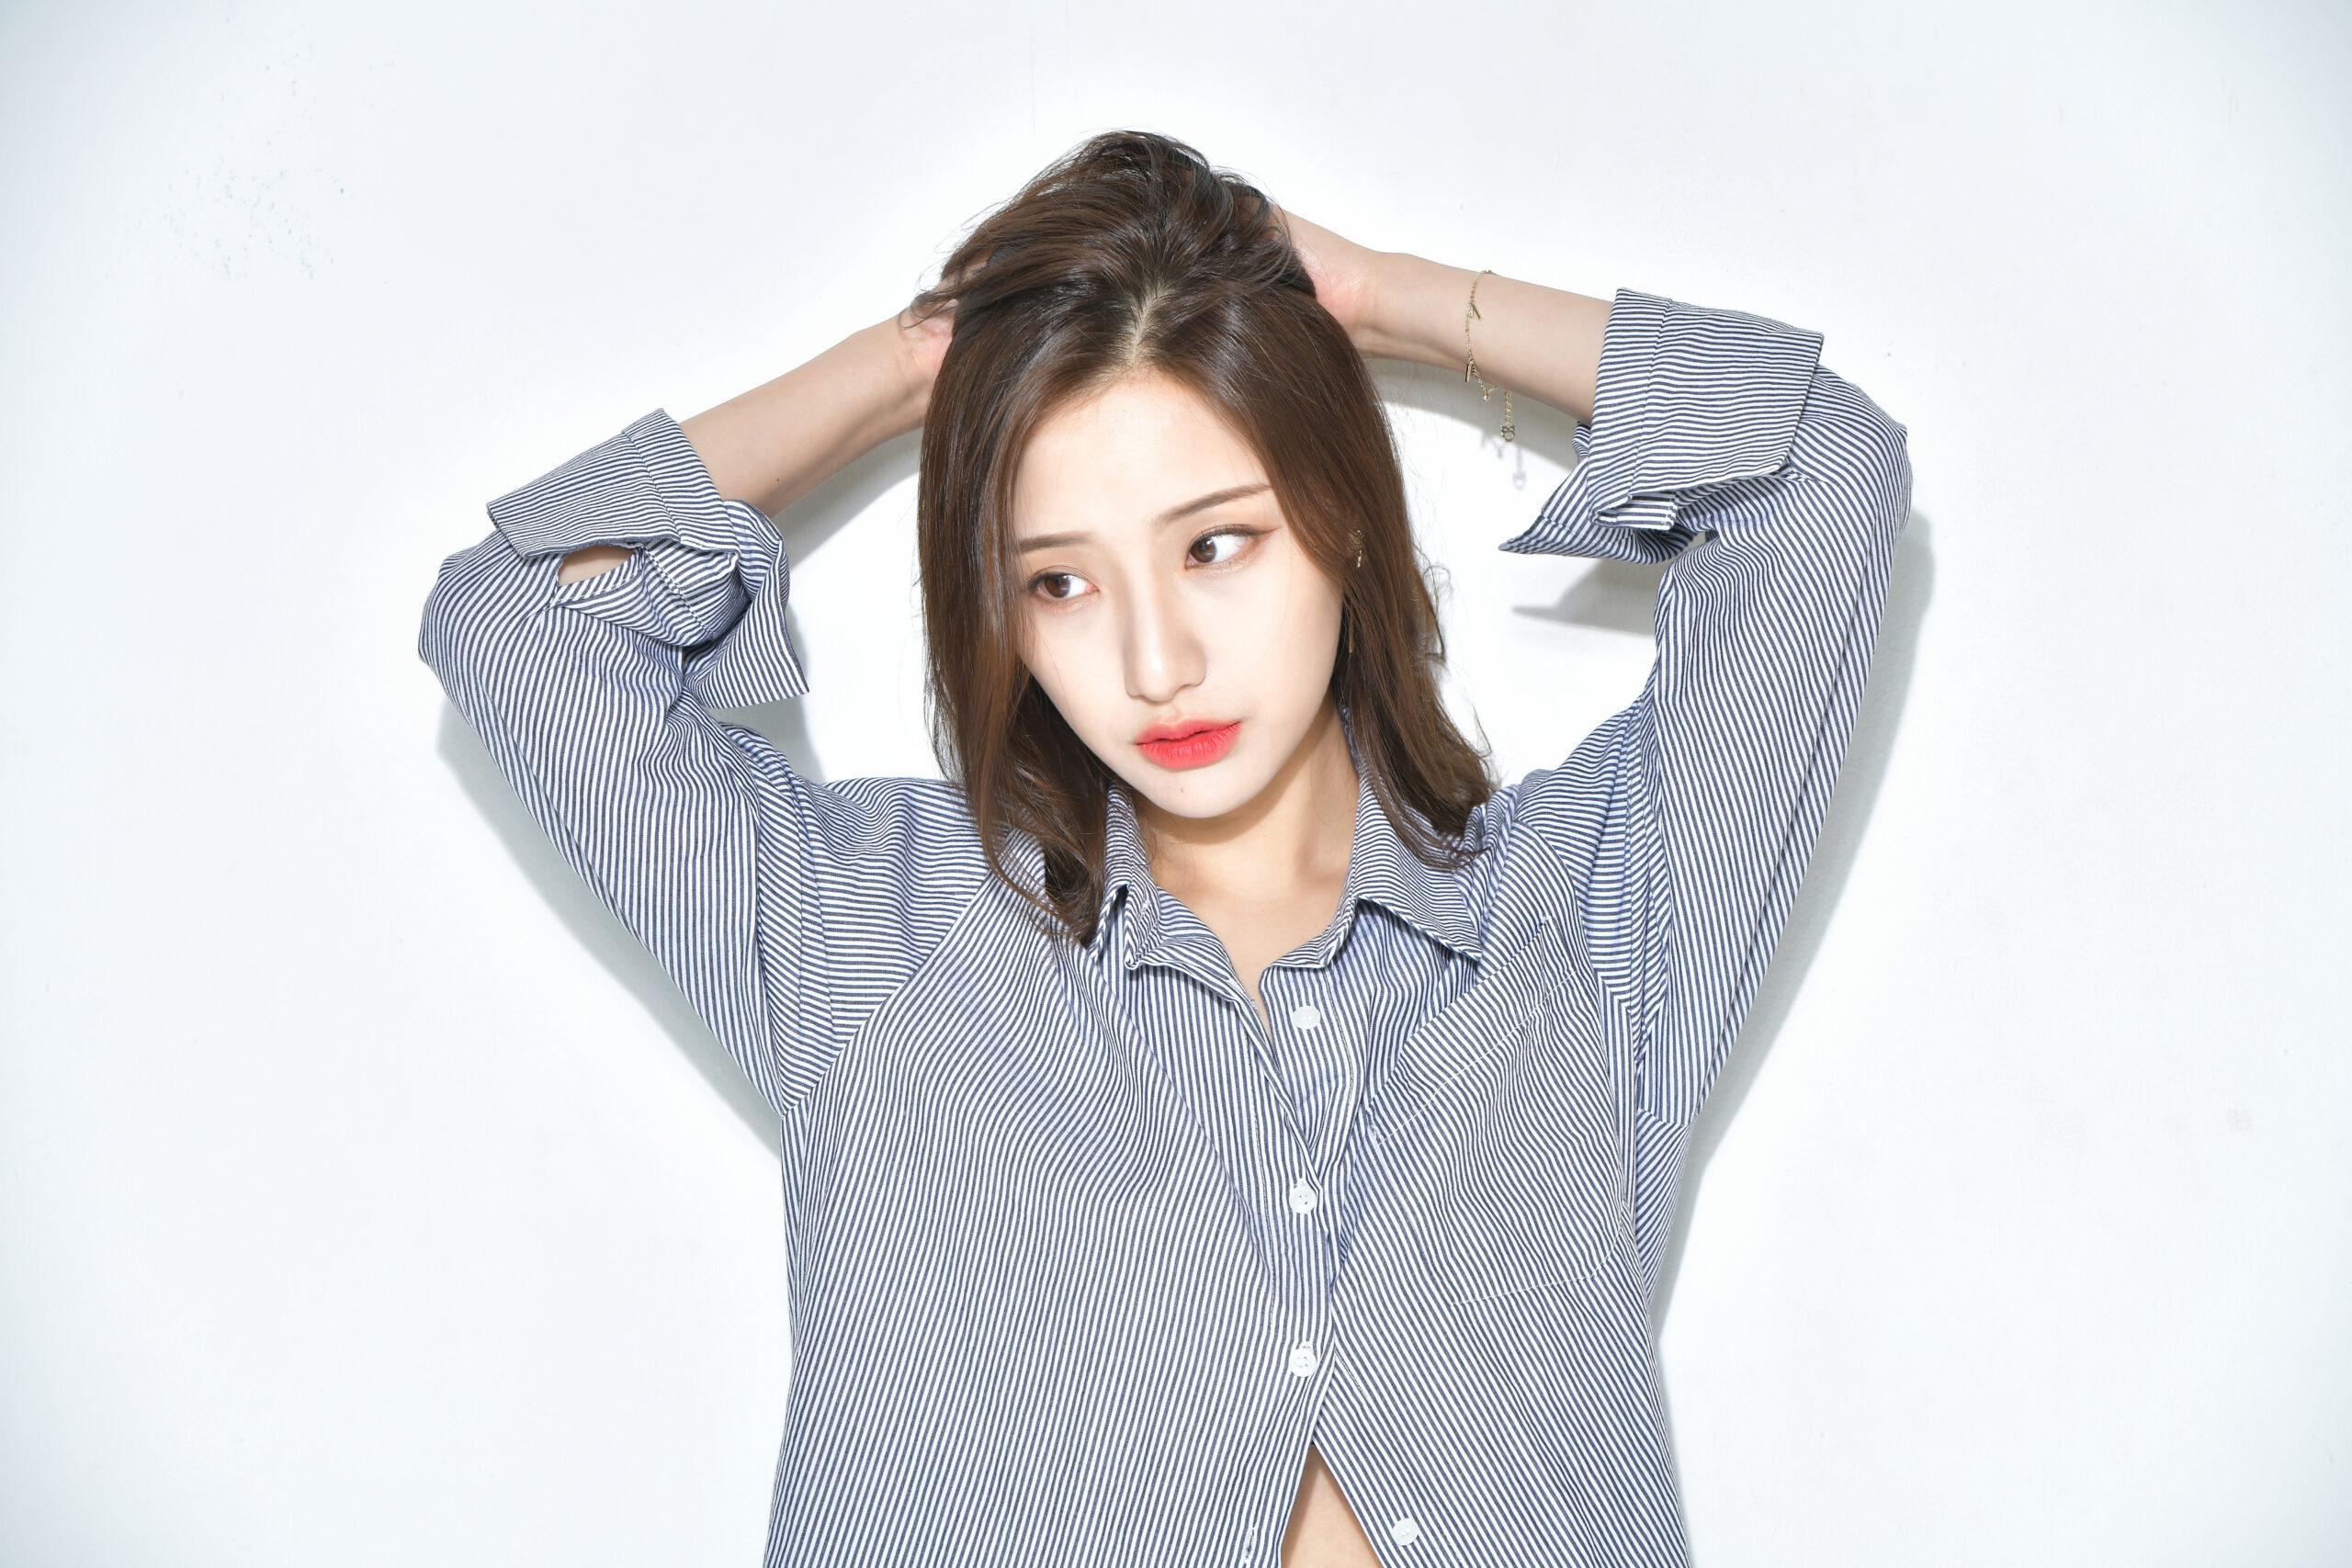 韓国女子のような前髪になりたい!